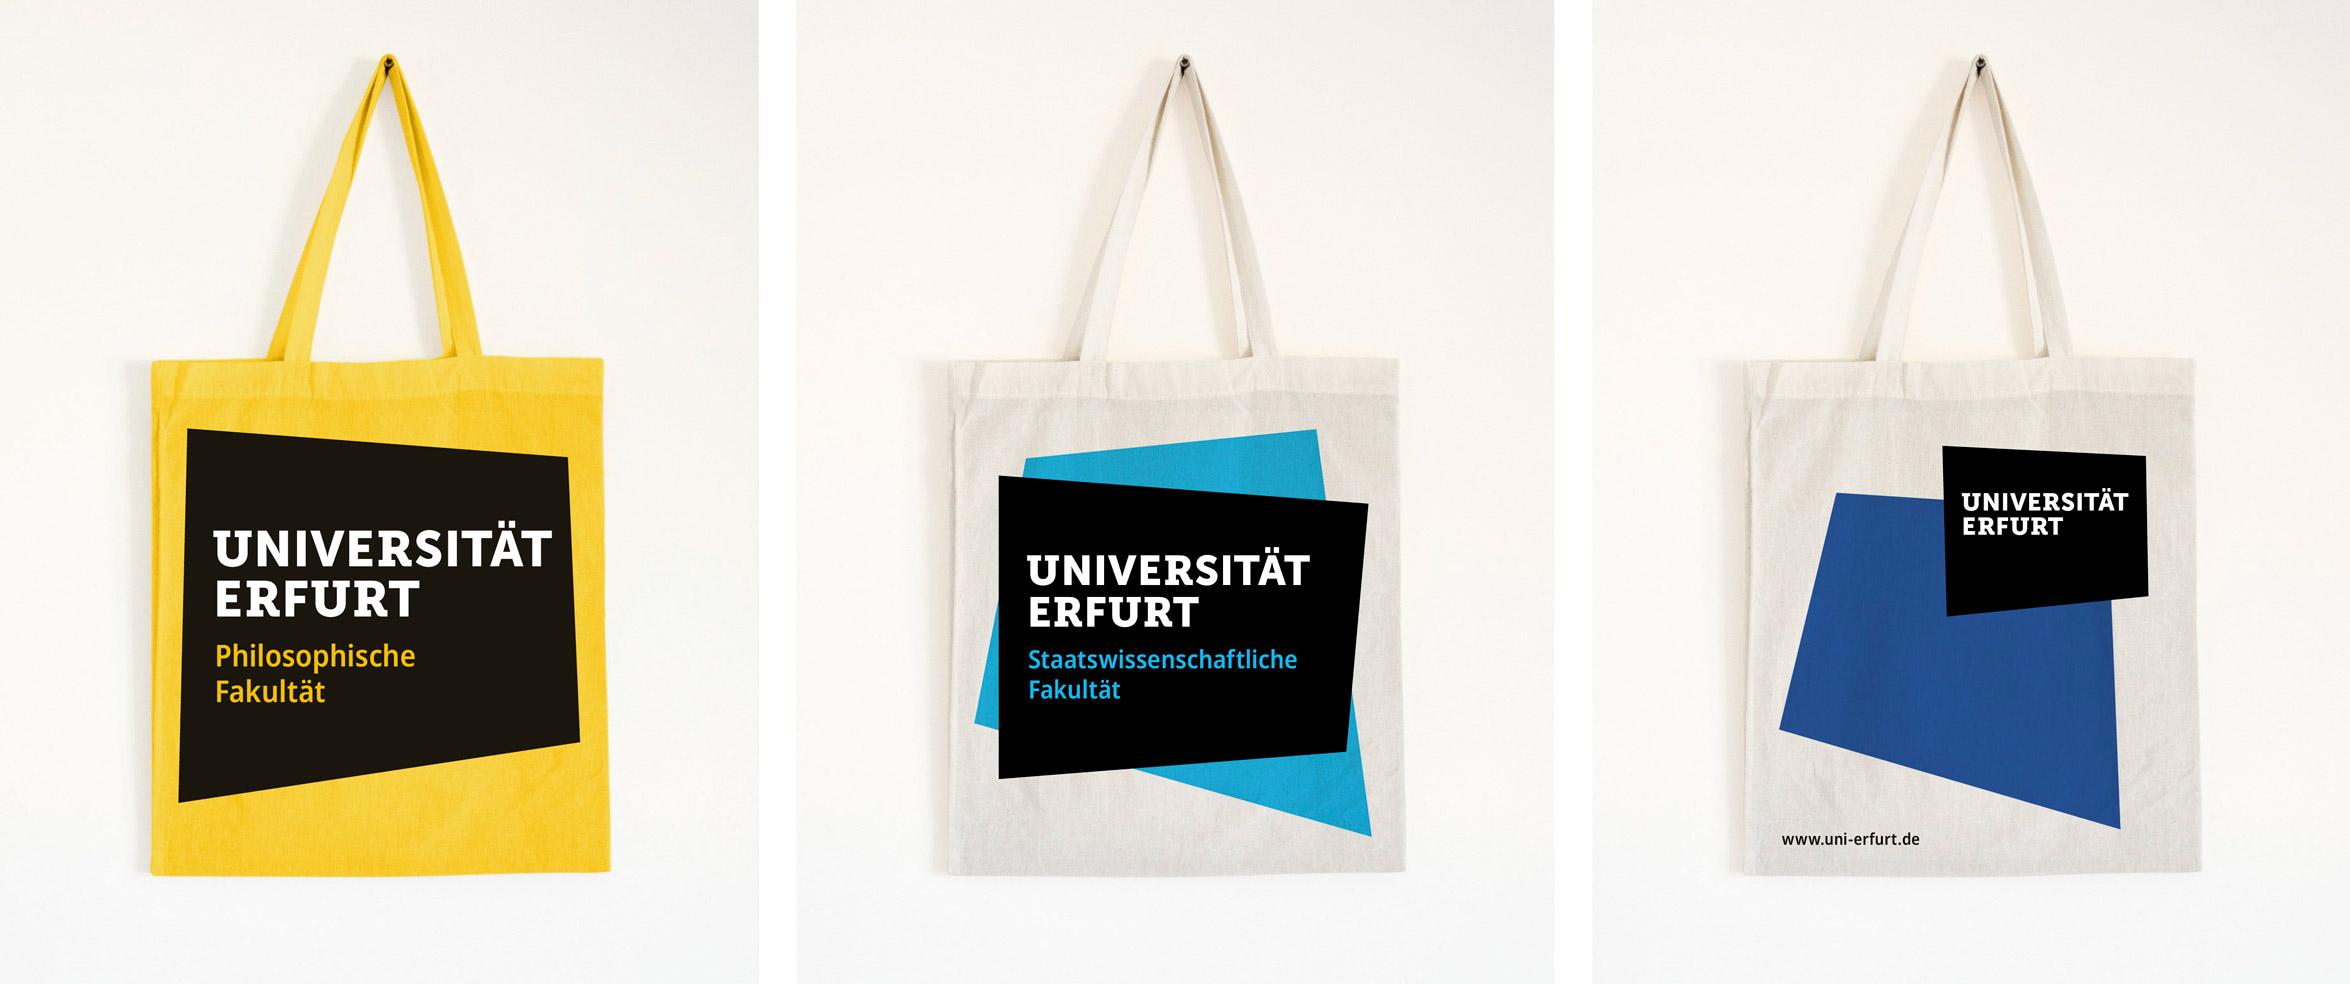 19-CD-Uni-Erfurt-12-web